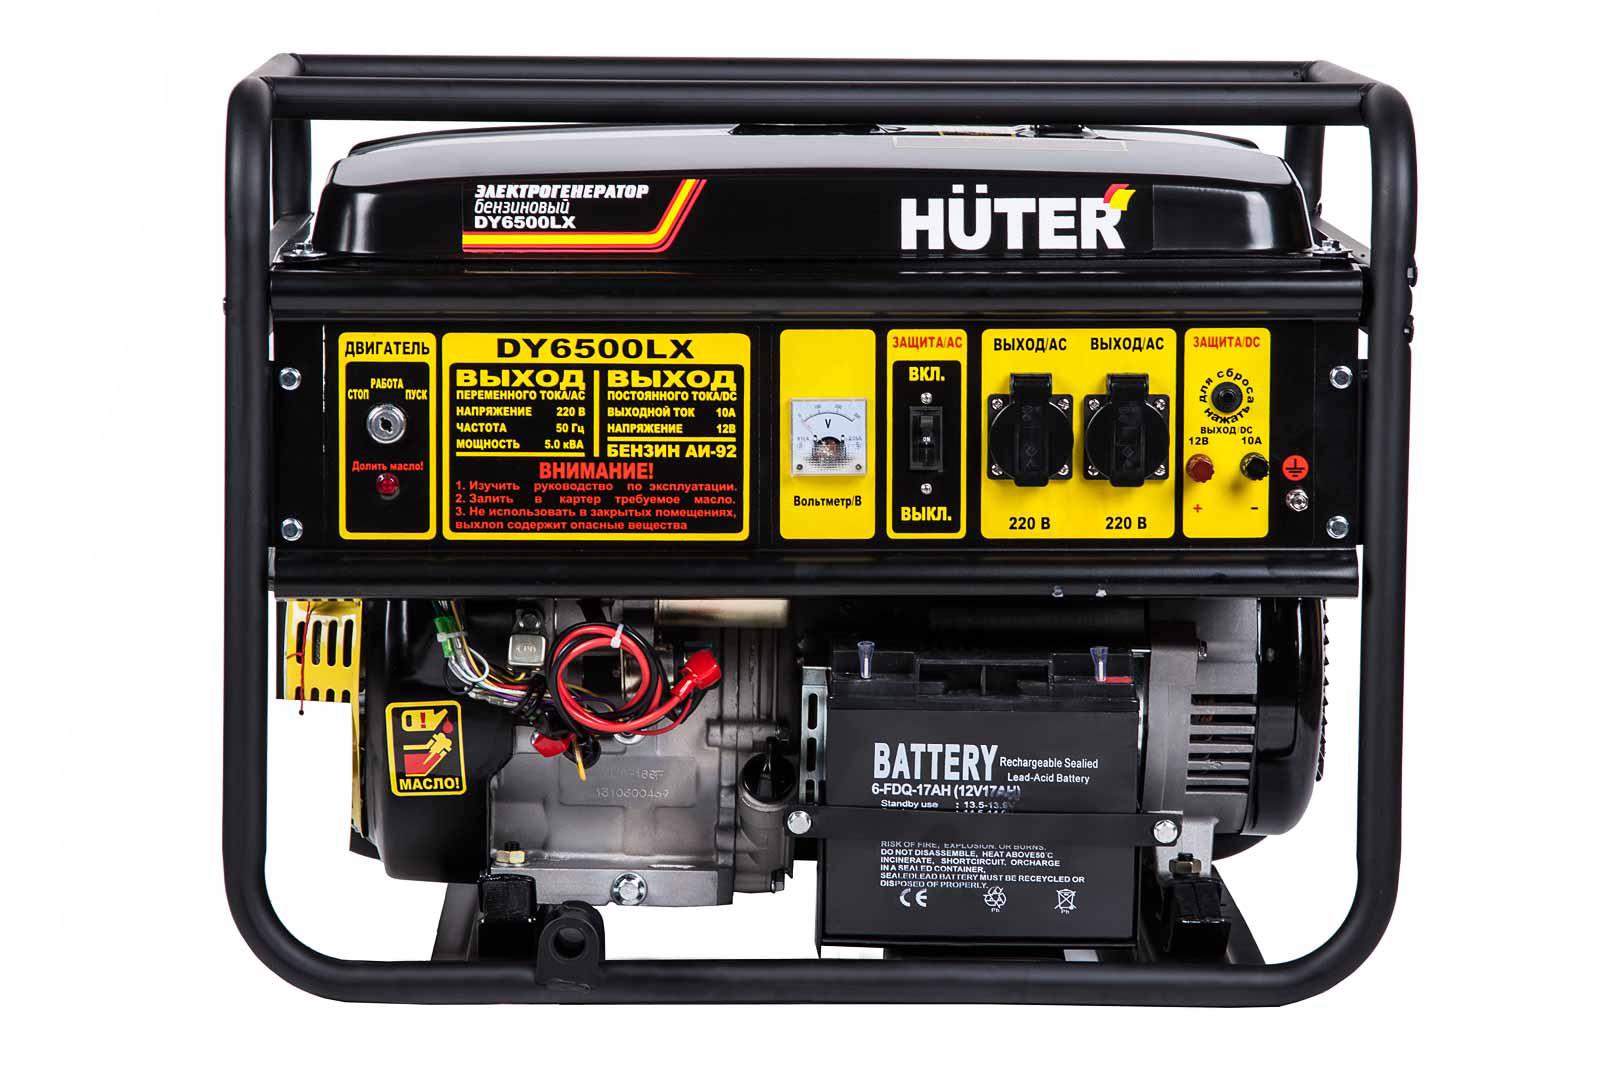 Бензиновый генератор Huter Dy6500lx, с колесами и аккумулятором от 220 Вольт